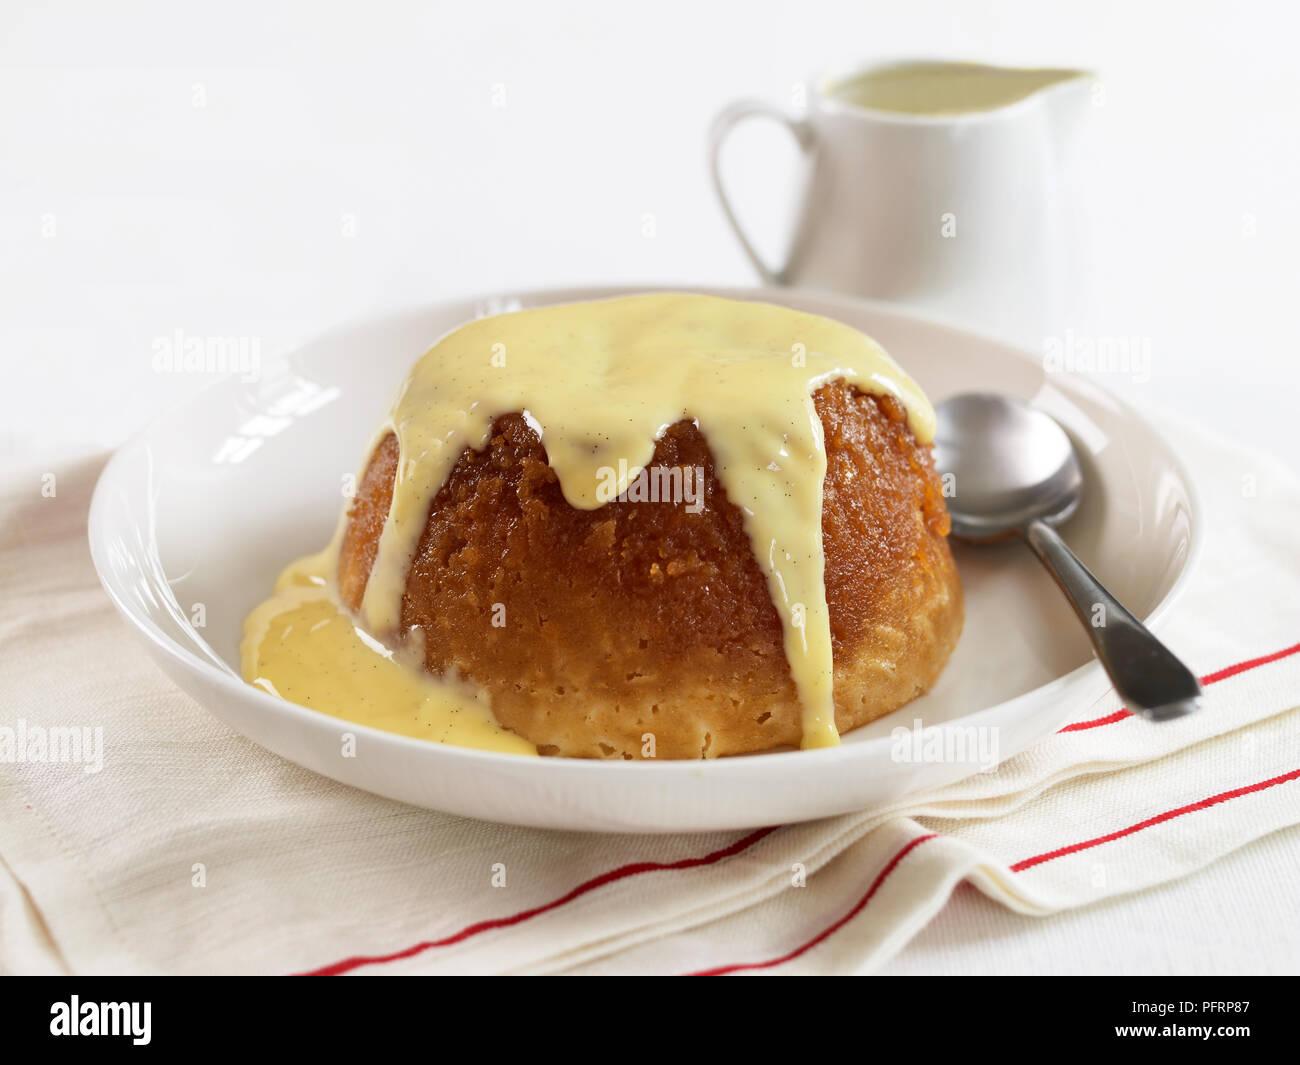 Treacle pudding con natillas Imagen De Stock